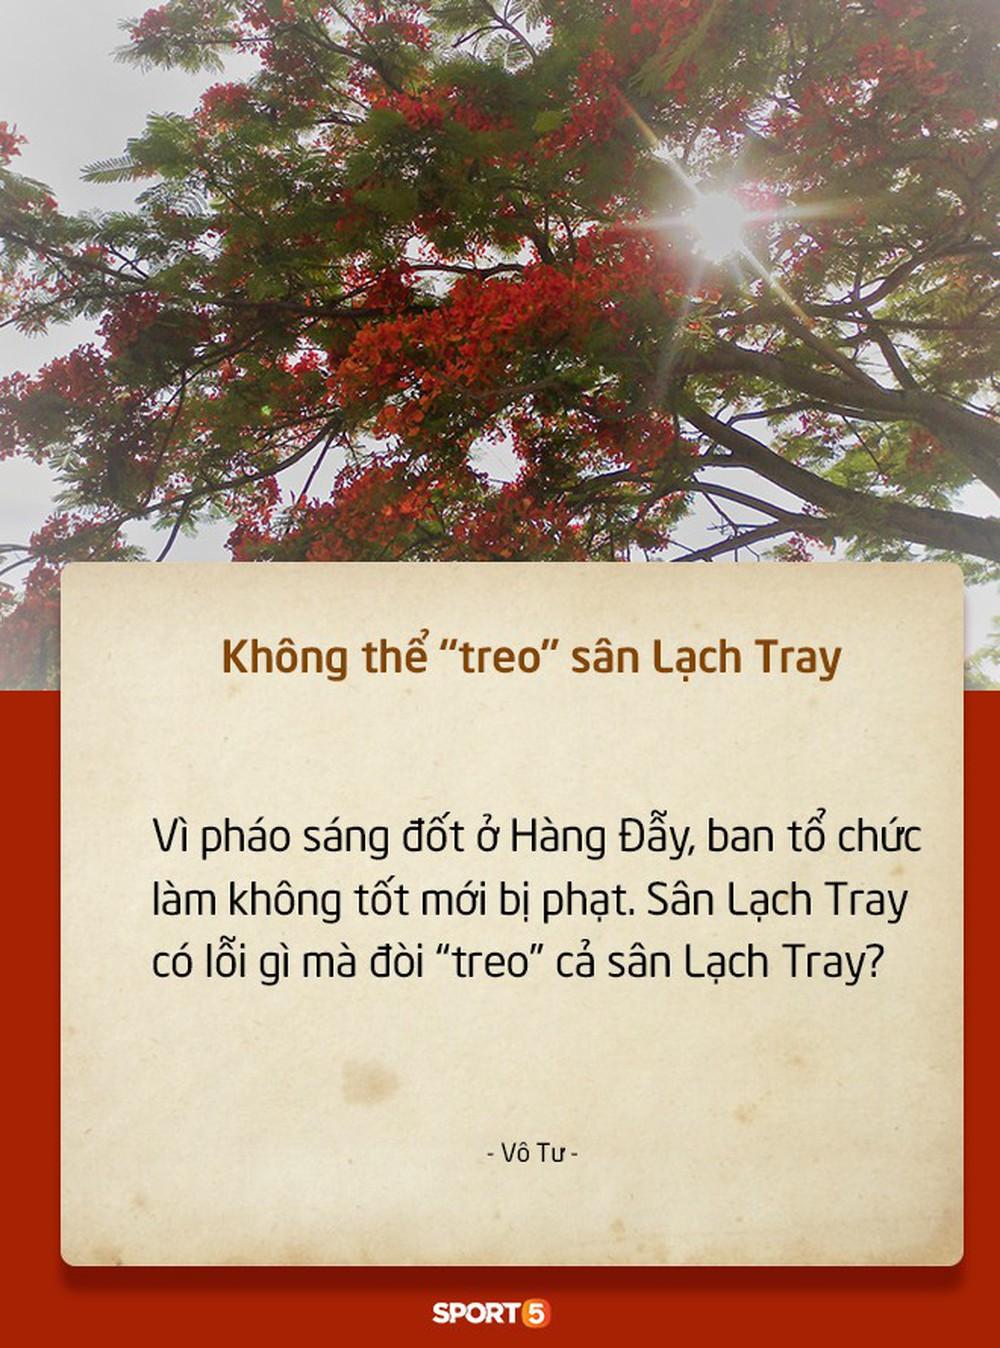 Fan Việt tranh cãi nảy lửa chuyện sân Hàng Đẫy bị treo vì CĐV Hải Phòng đốt pháo sáng - Ảnh 9.